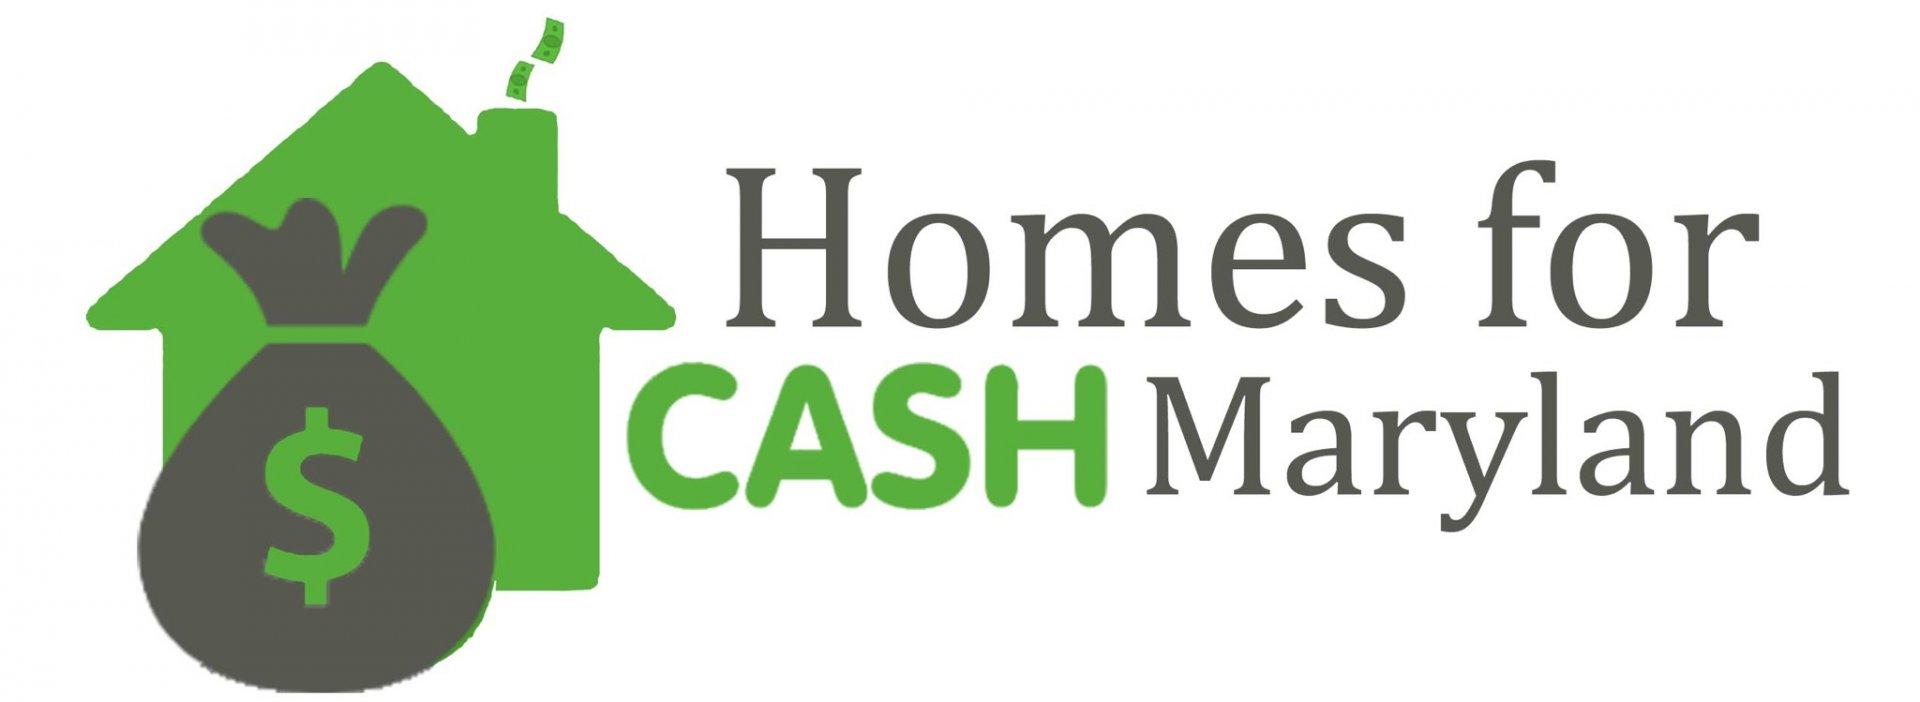 HomesforcashMaryland  logo